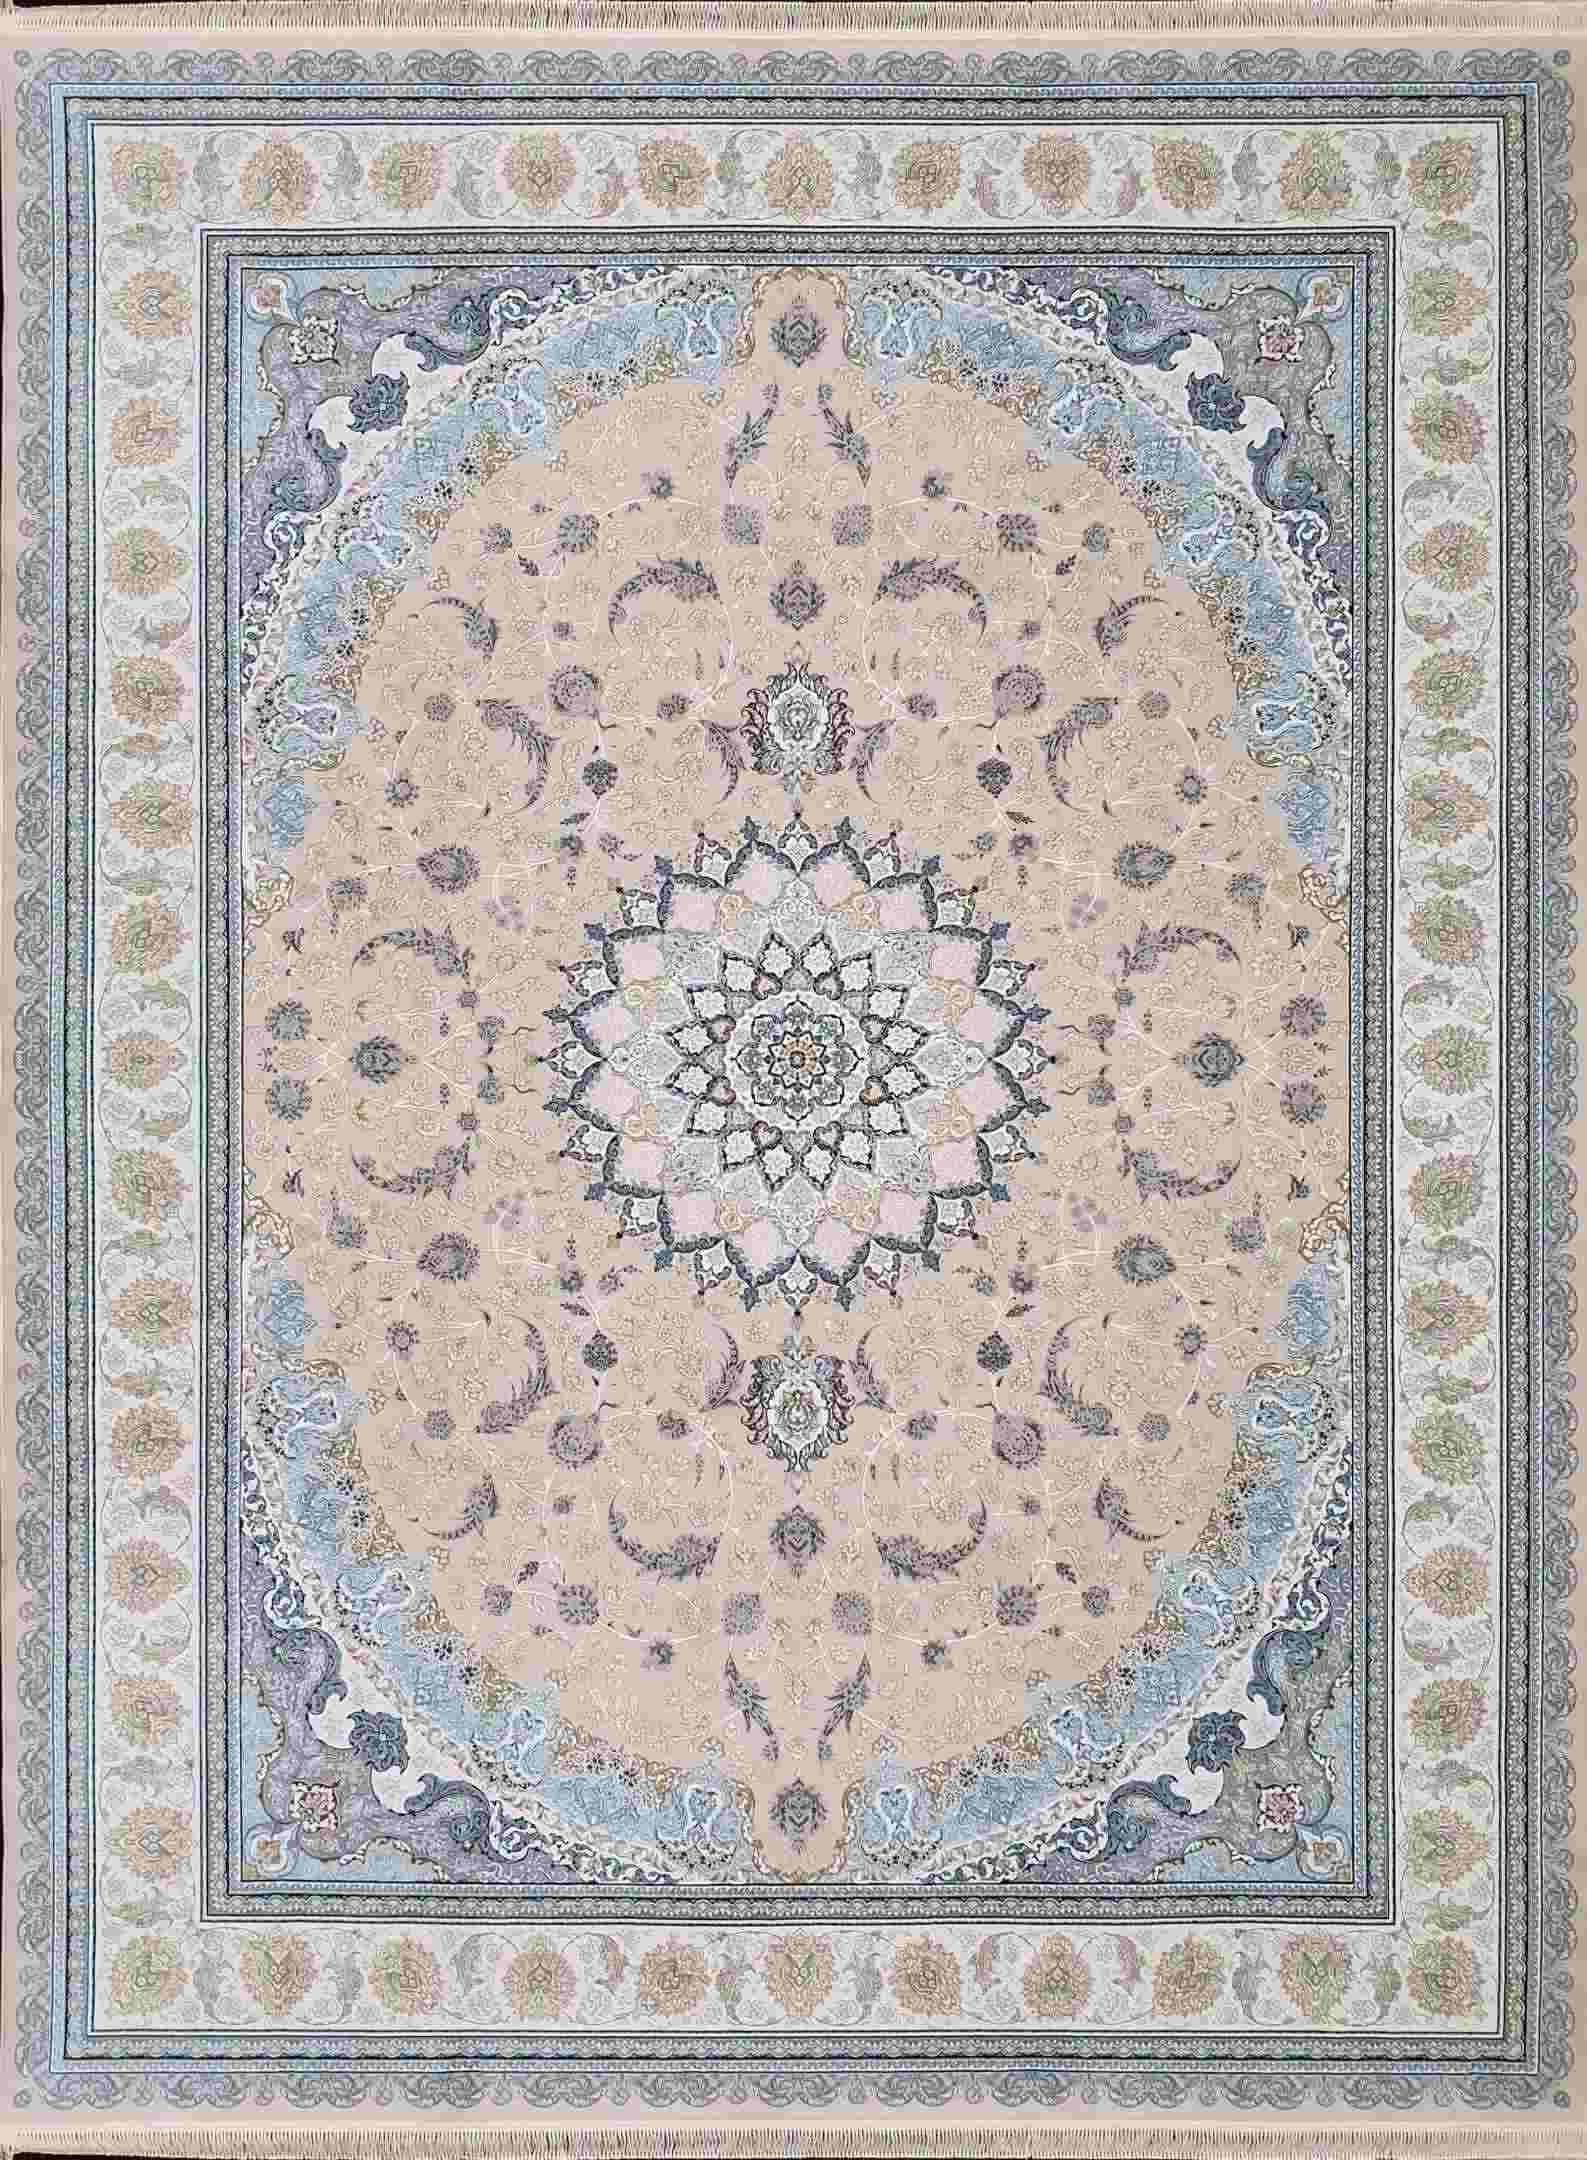 نقشه اصفهان 1200 شانه گلبرجسته رنگ کرم